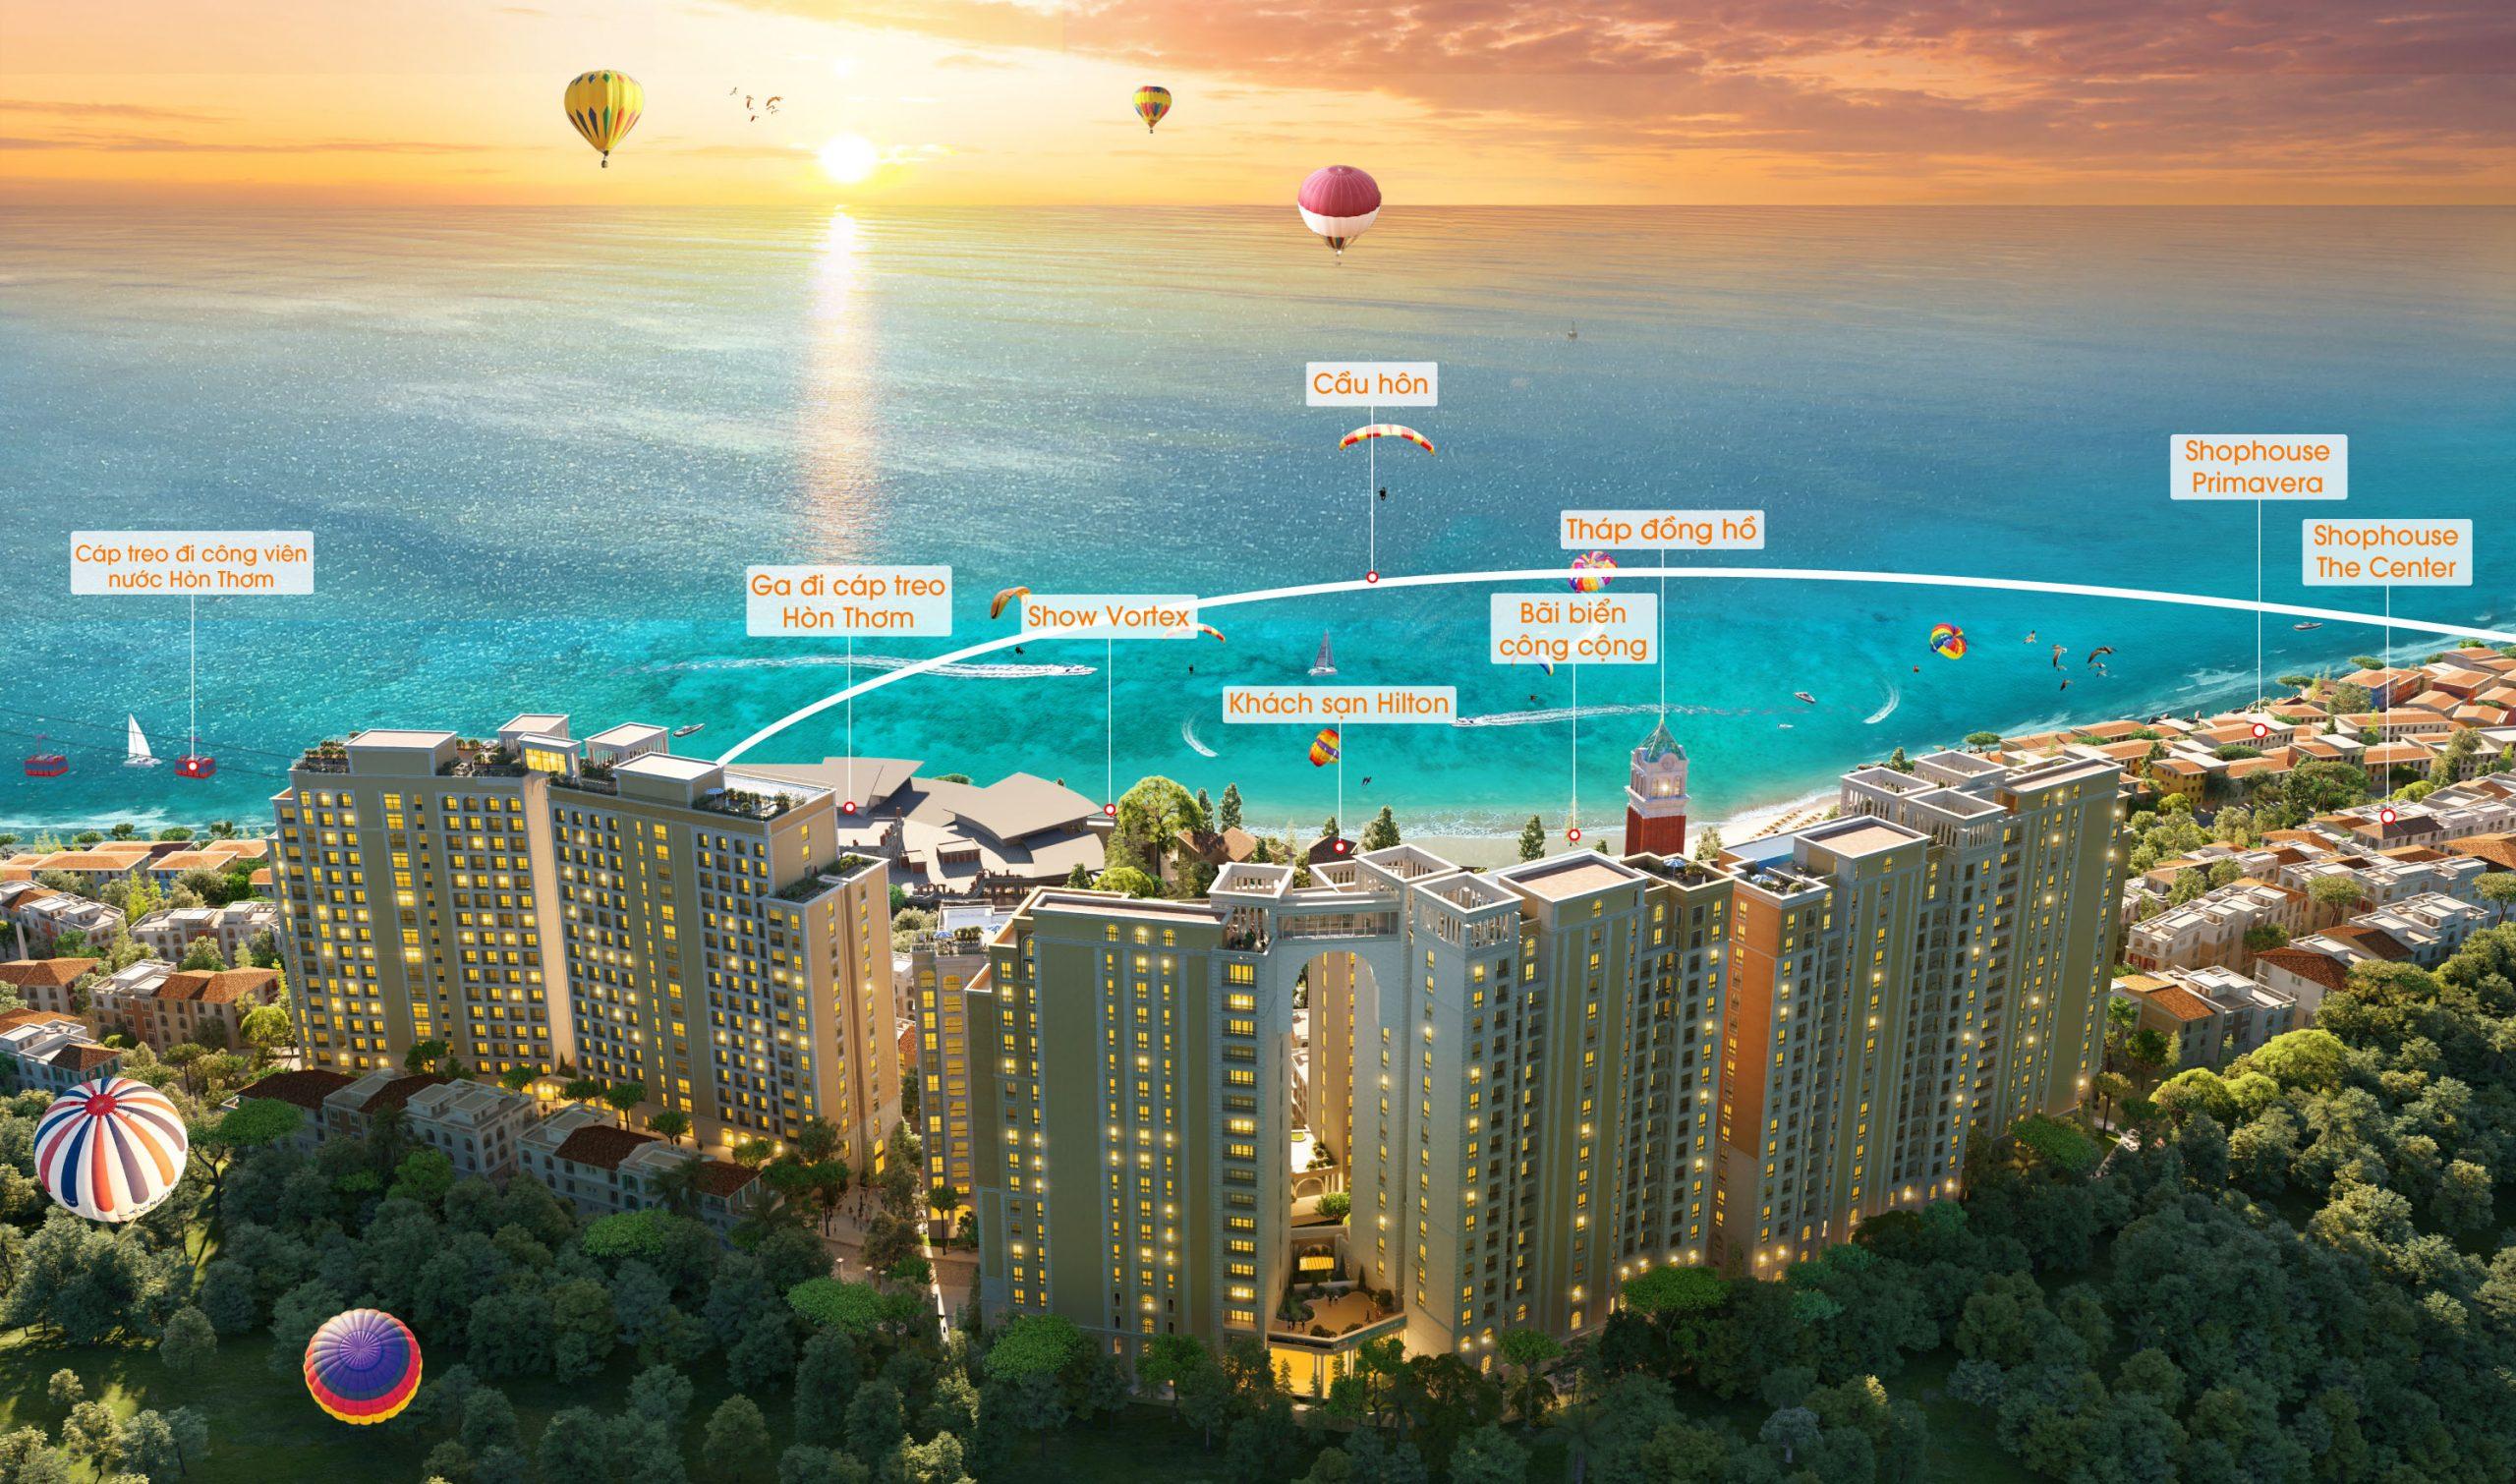 Tiện ích của căn hộ Sun Grand City HillSide Residence Phú Quốc